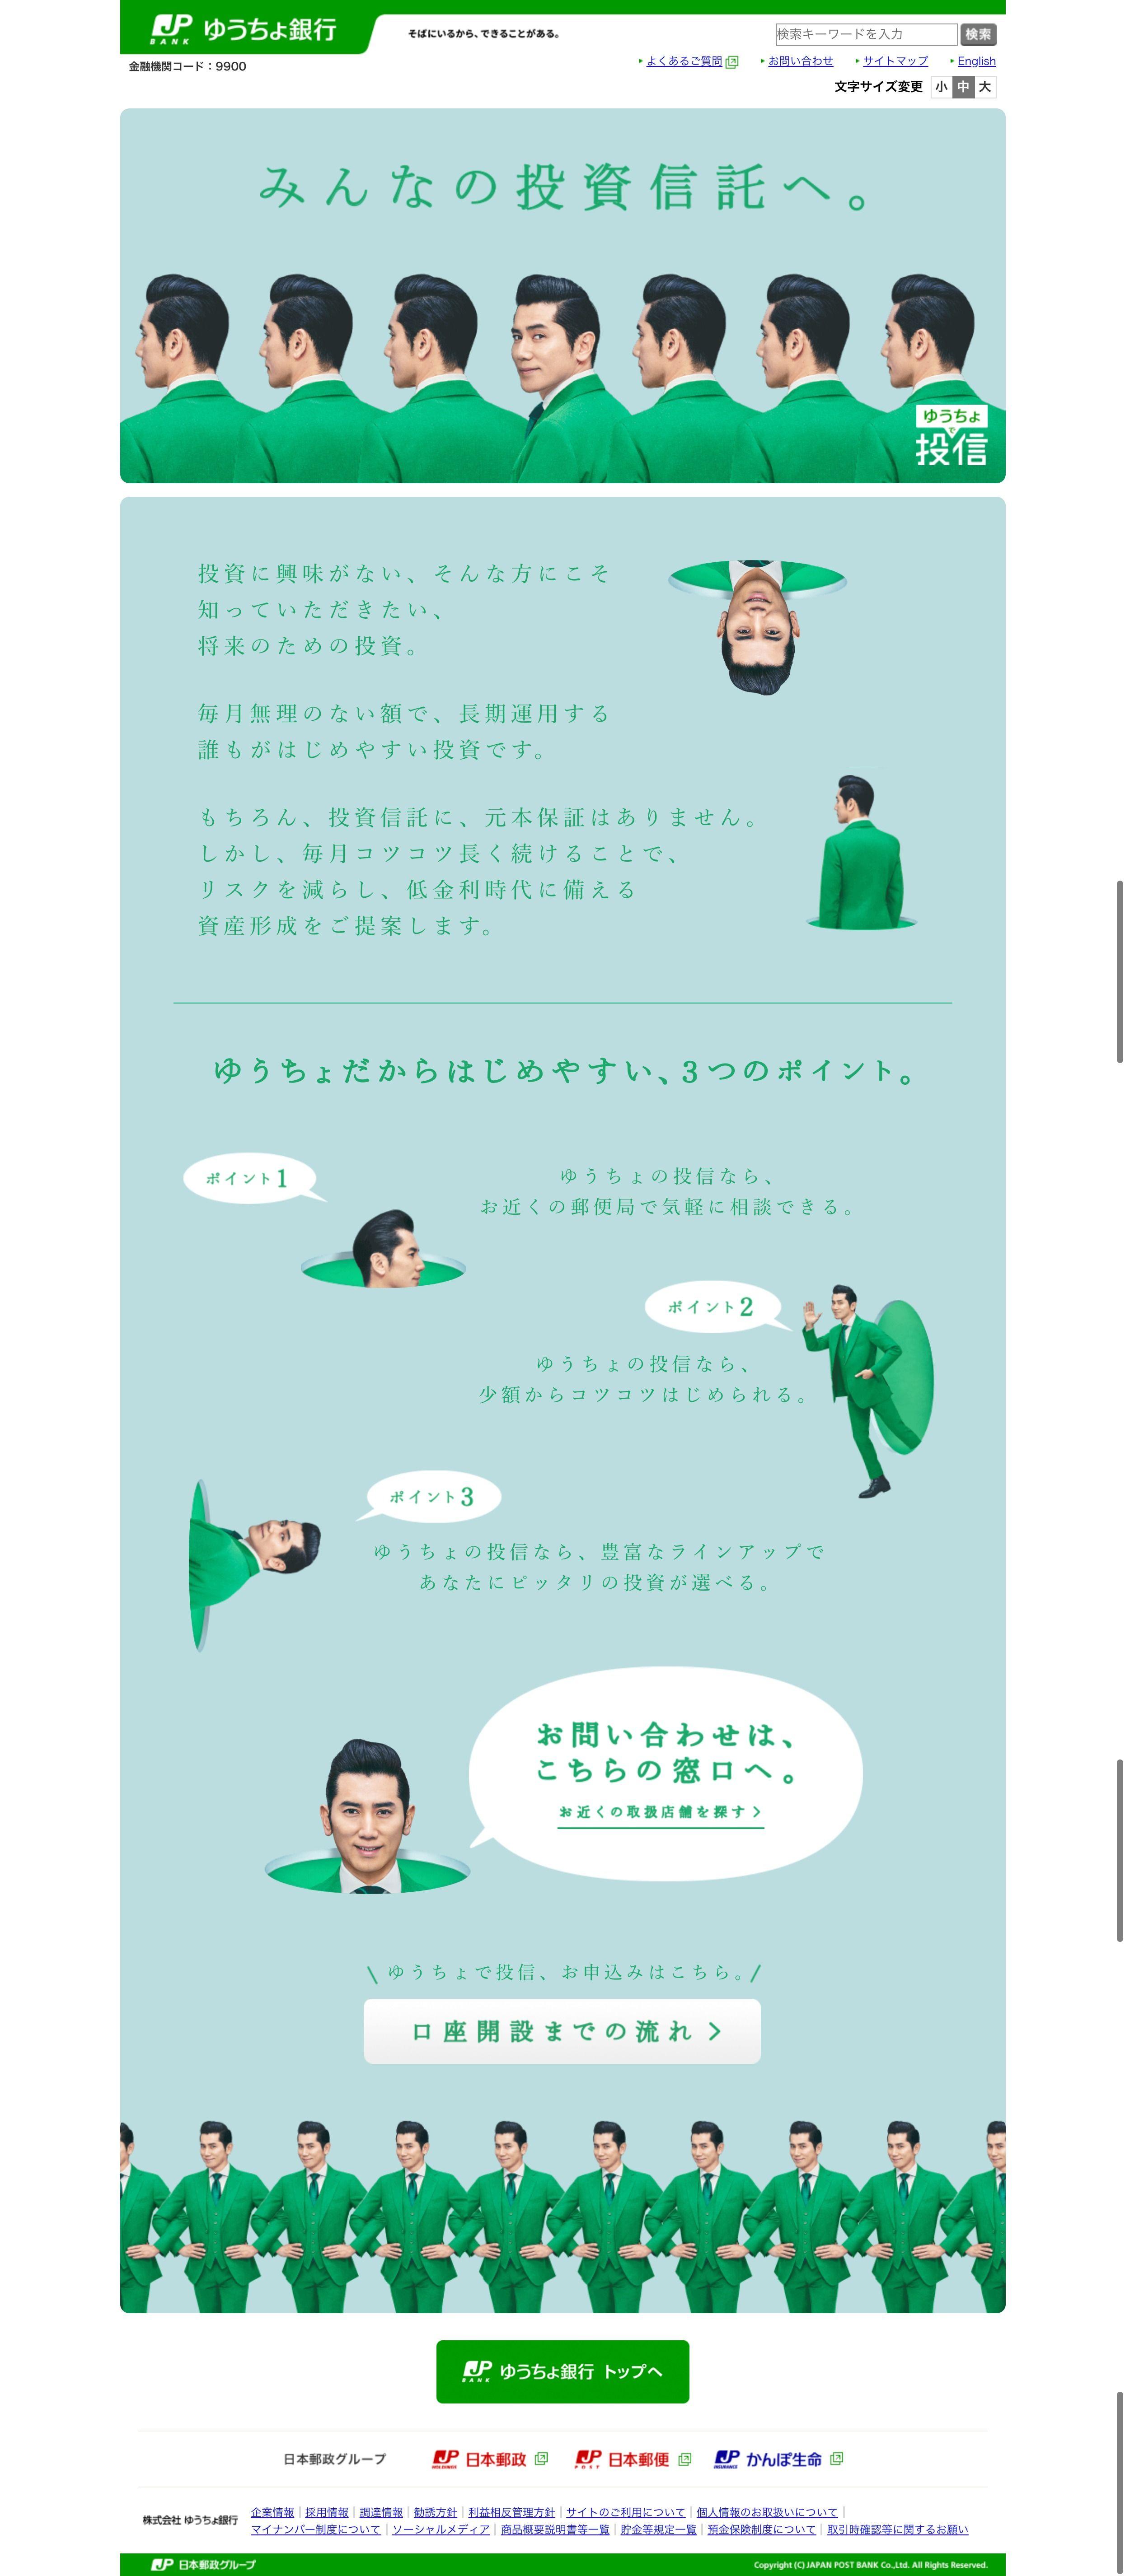 ゆうちゃん ゆうちょ銀行 Https Www Jp Bank Japanpost Jp Aboutus Cm Yuchan Abt Cm Yuc Index Html Webデザイン デザイン 銀行